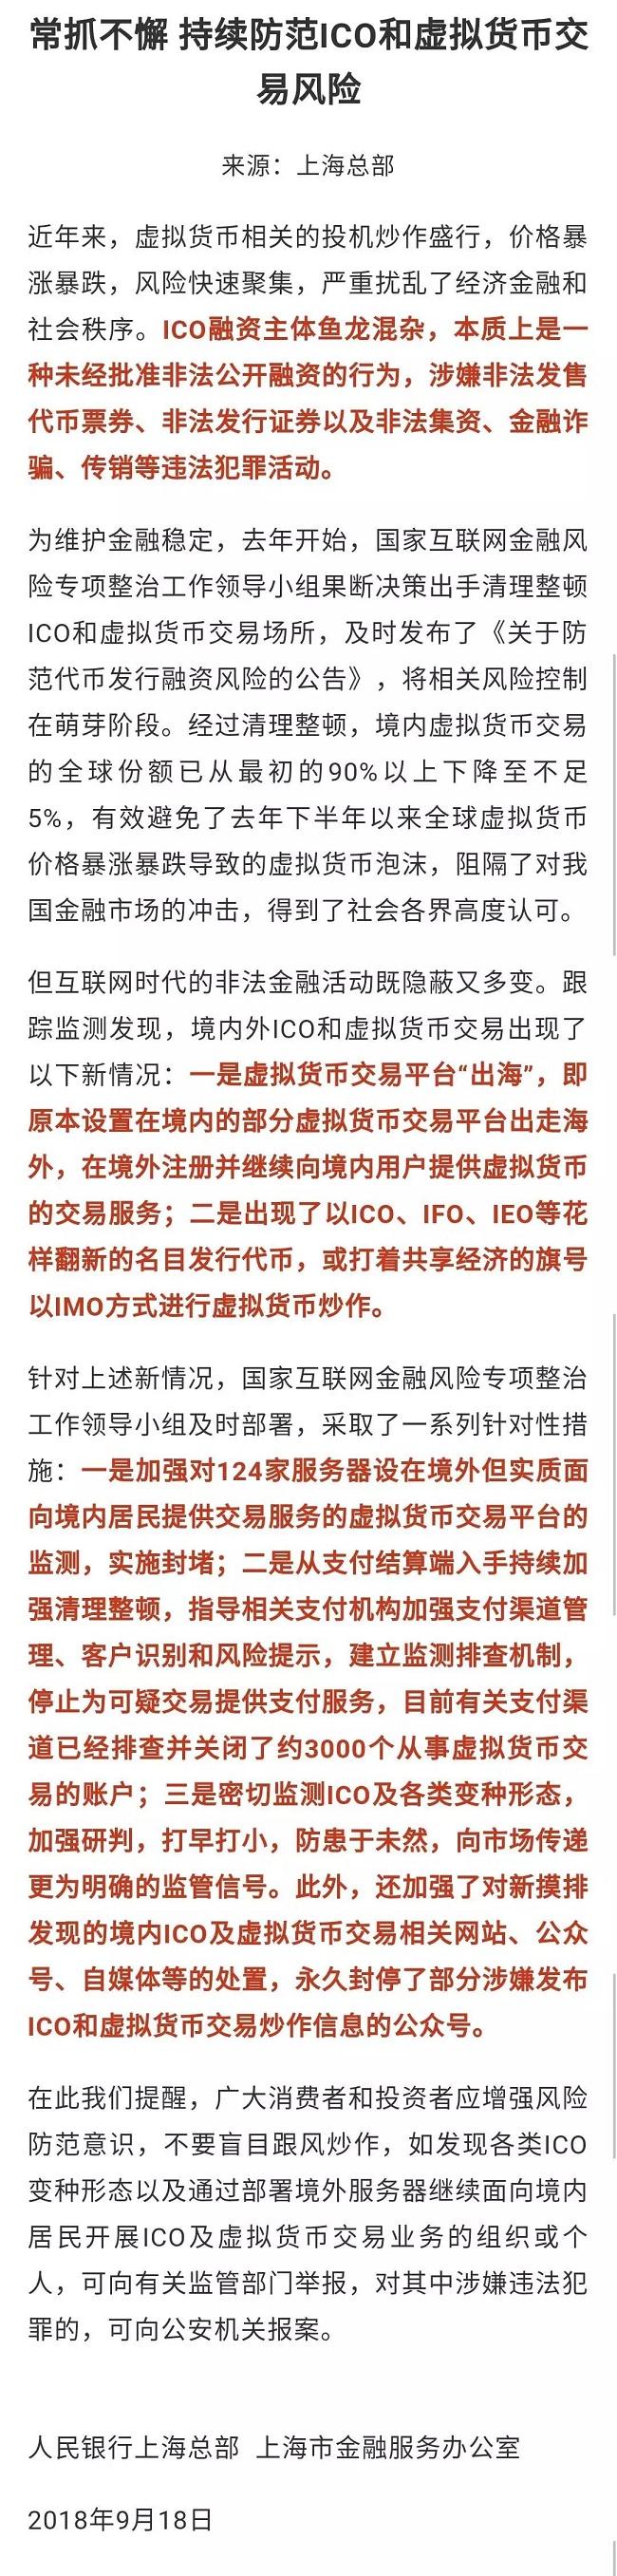 央行再发文!持续整顿ICO、虚拟货币,已从支付结算端加强清理